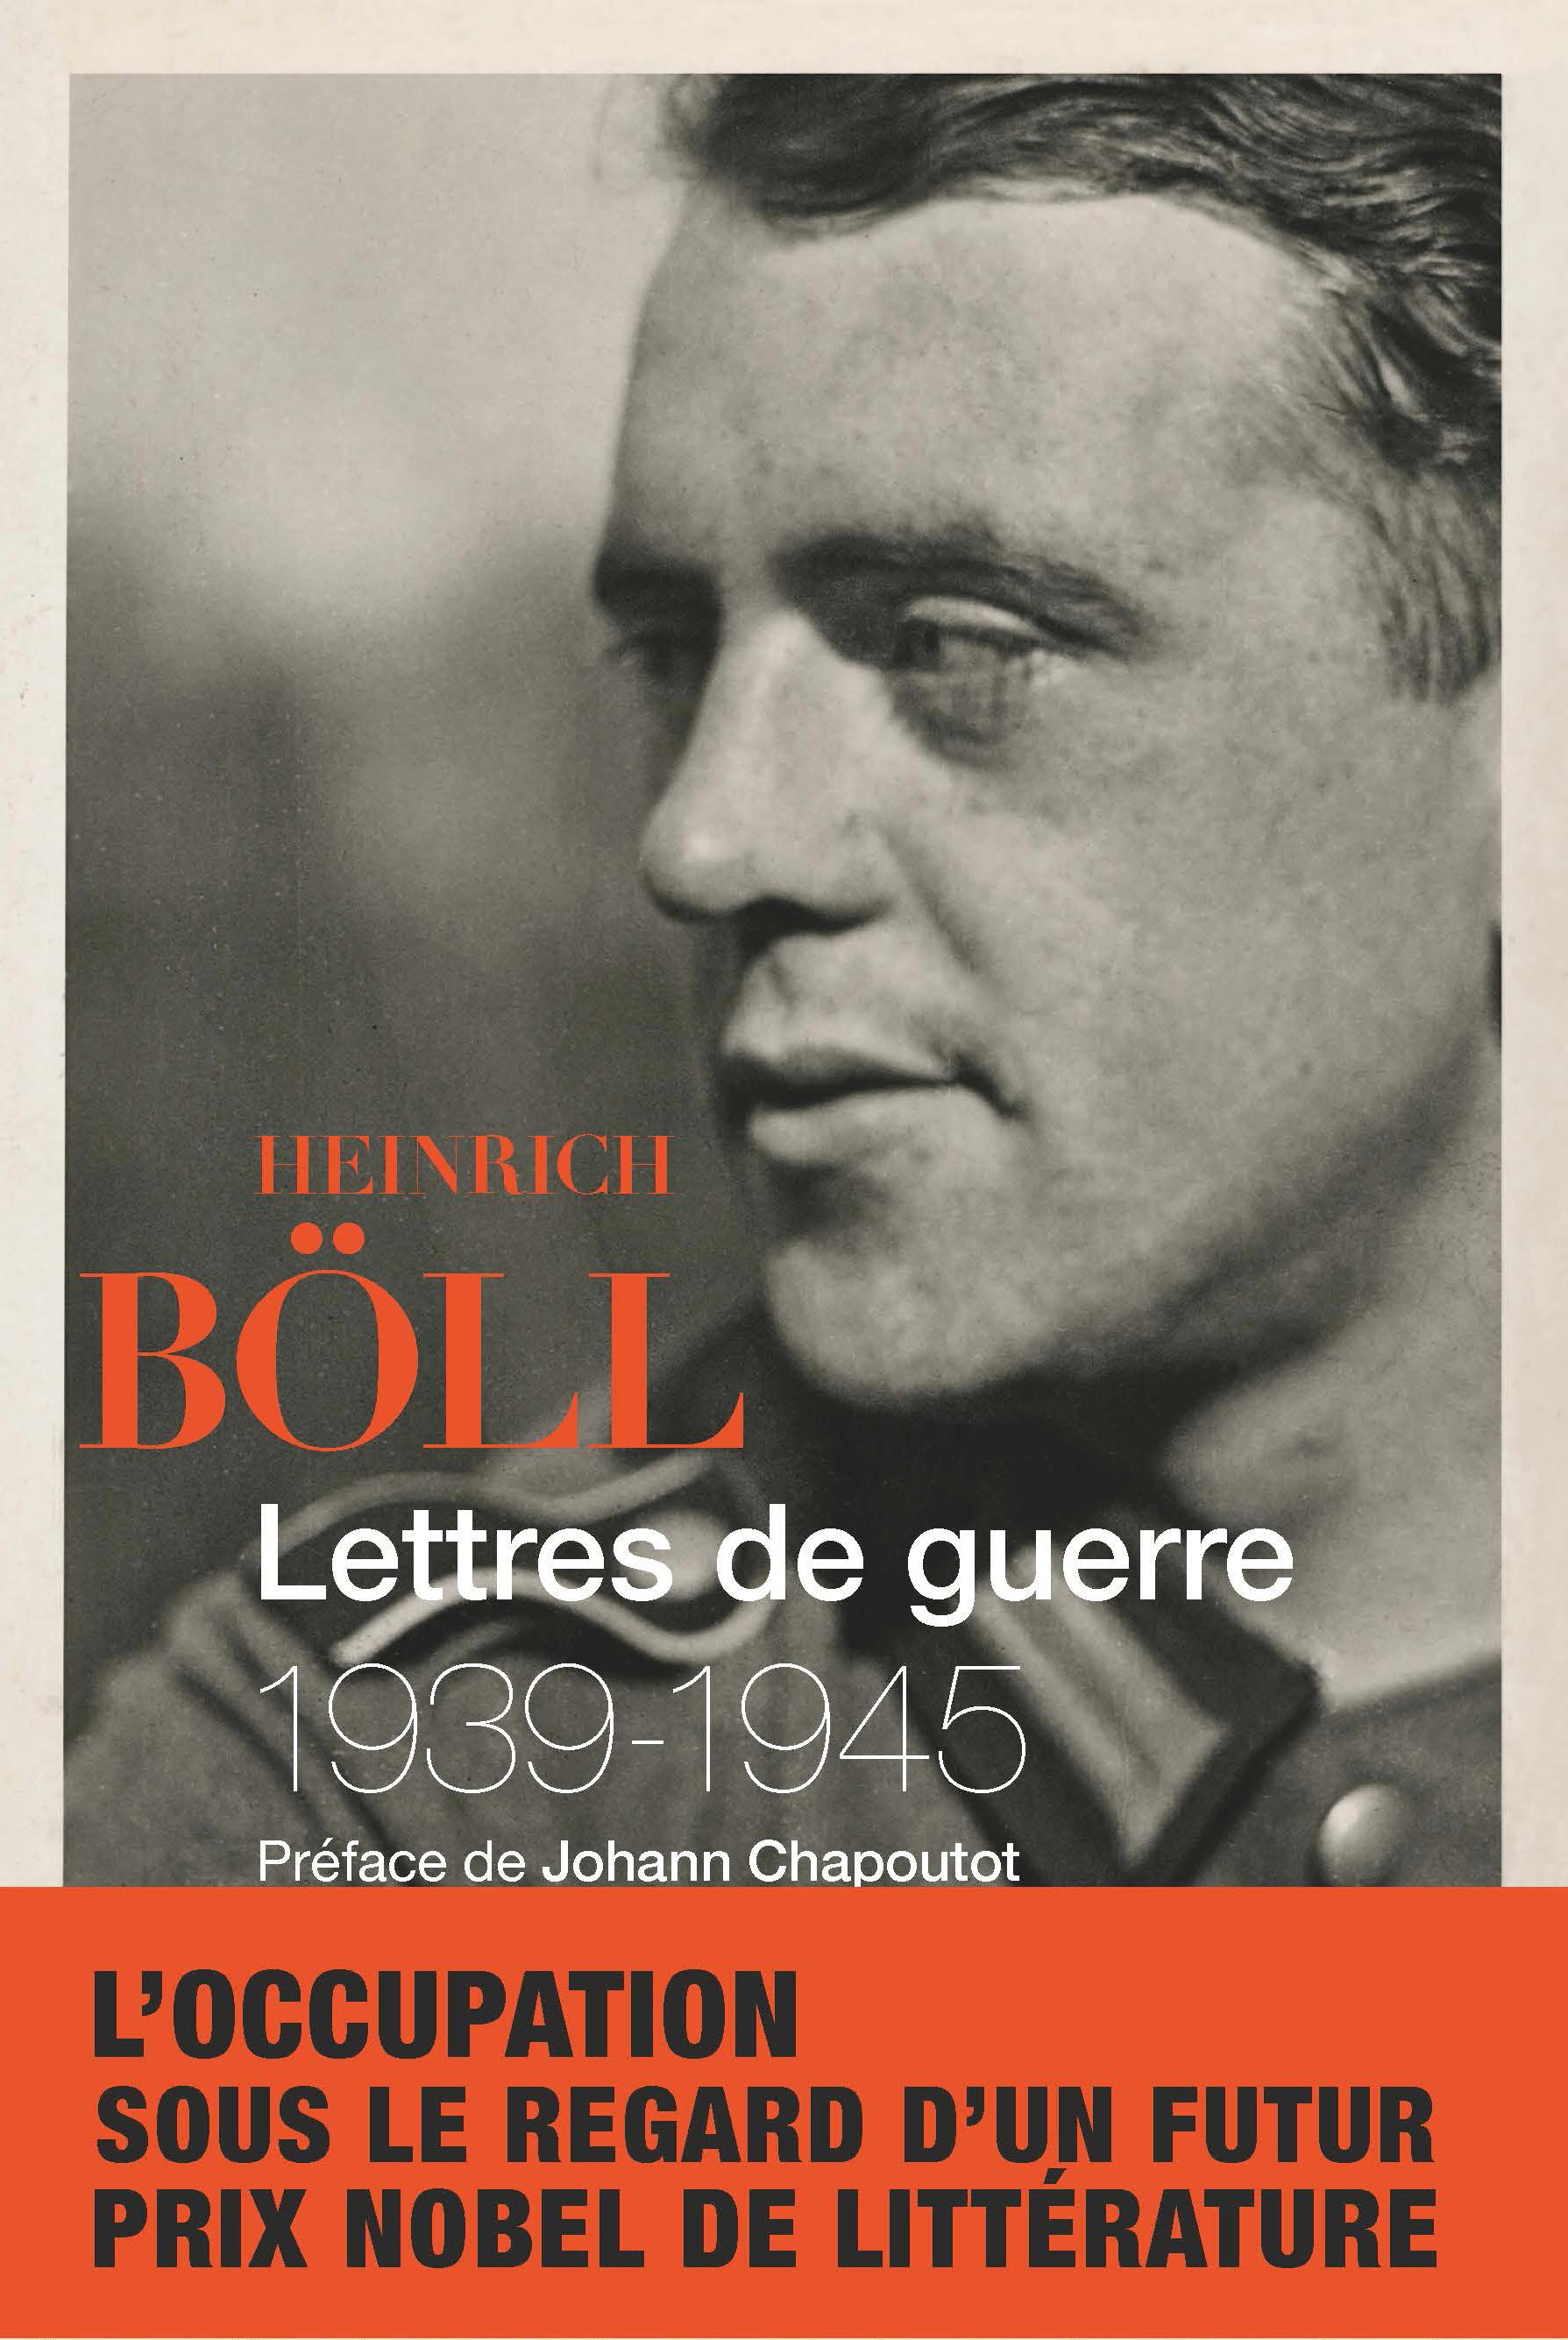 H. Böll, Lettres de guerre - 1939-1945